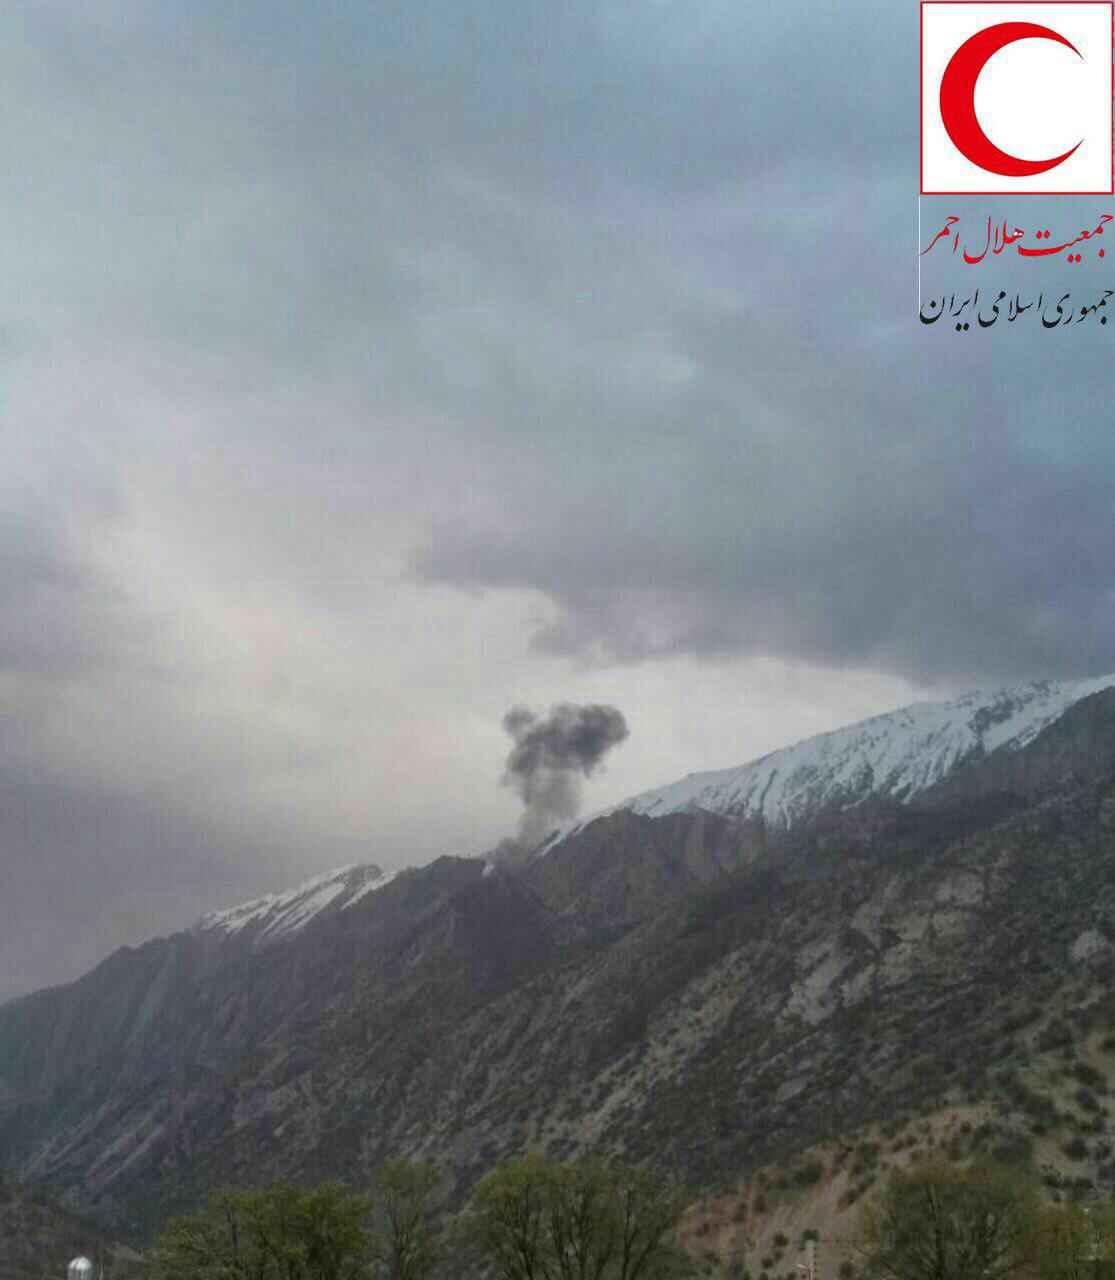 جان باختگان سقوط هواپیمای ترکیه ای چه کسانی هستند؟